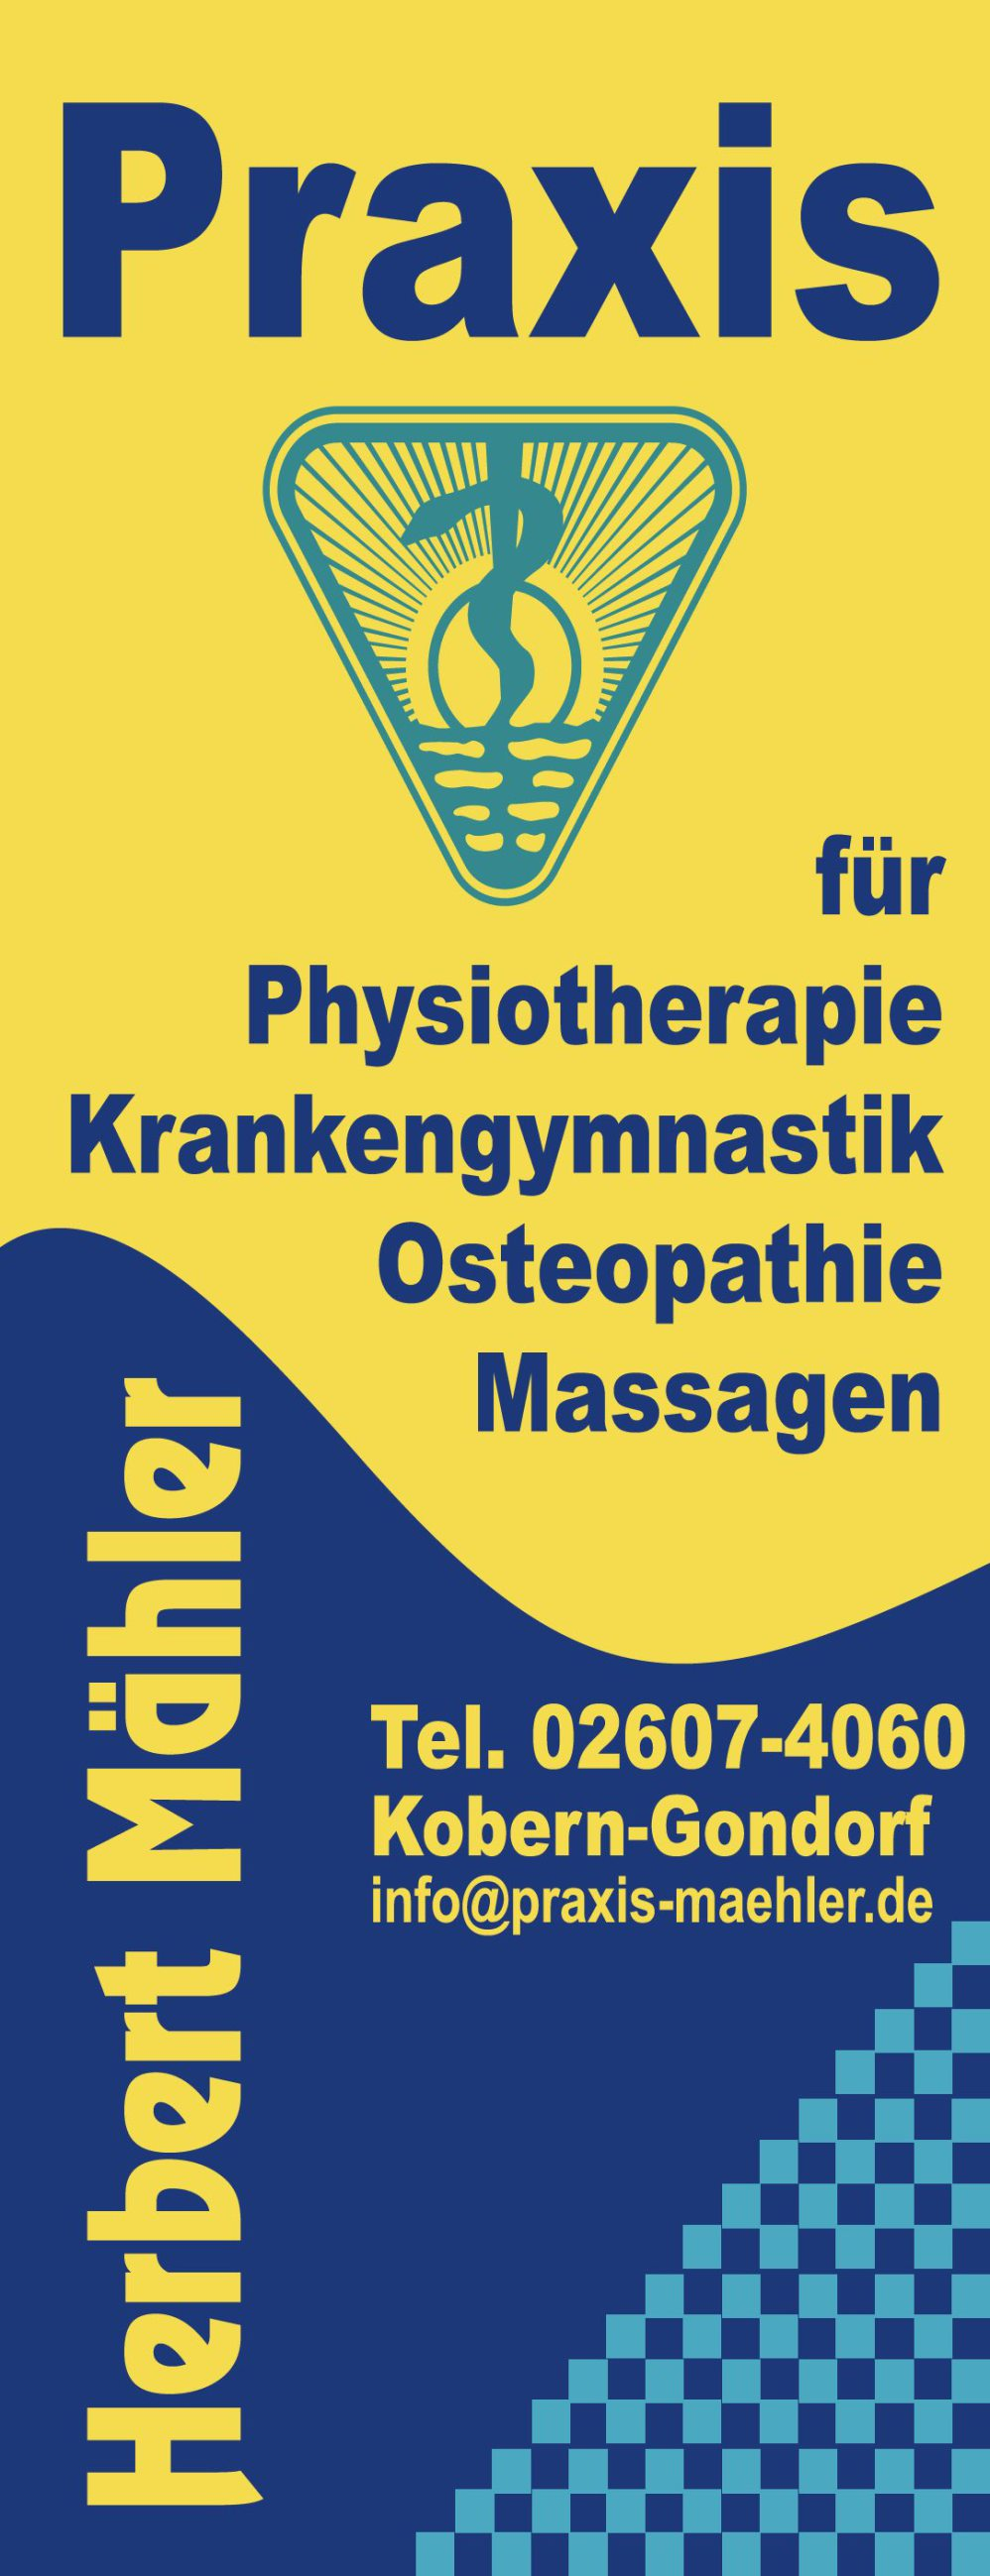 Praxis Logo